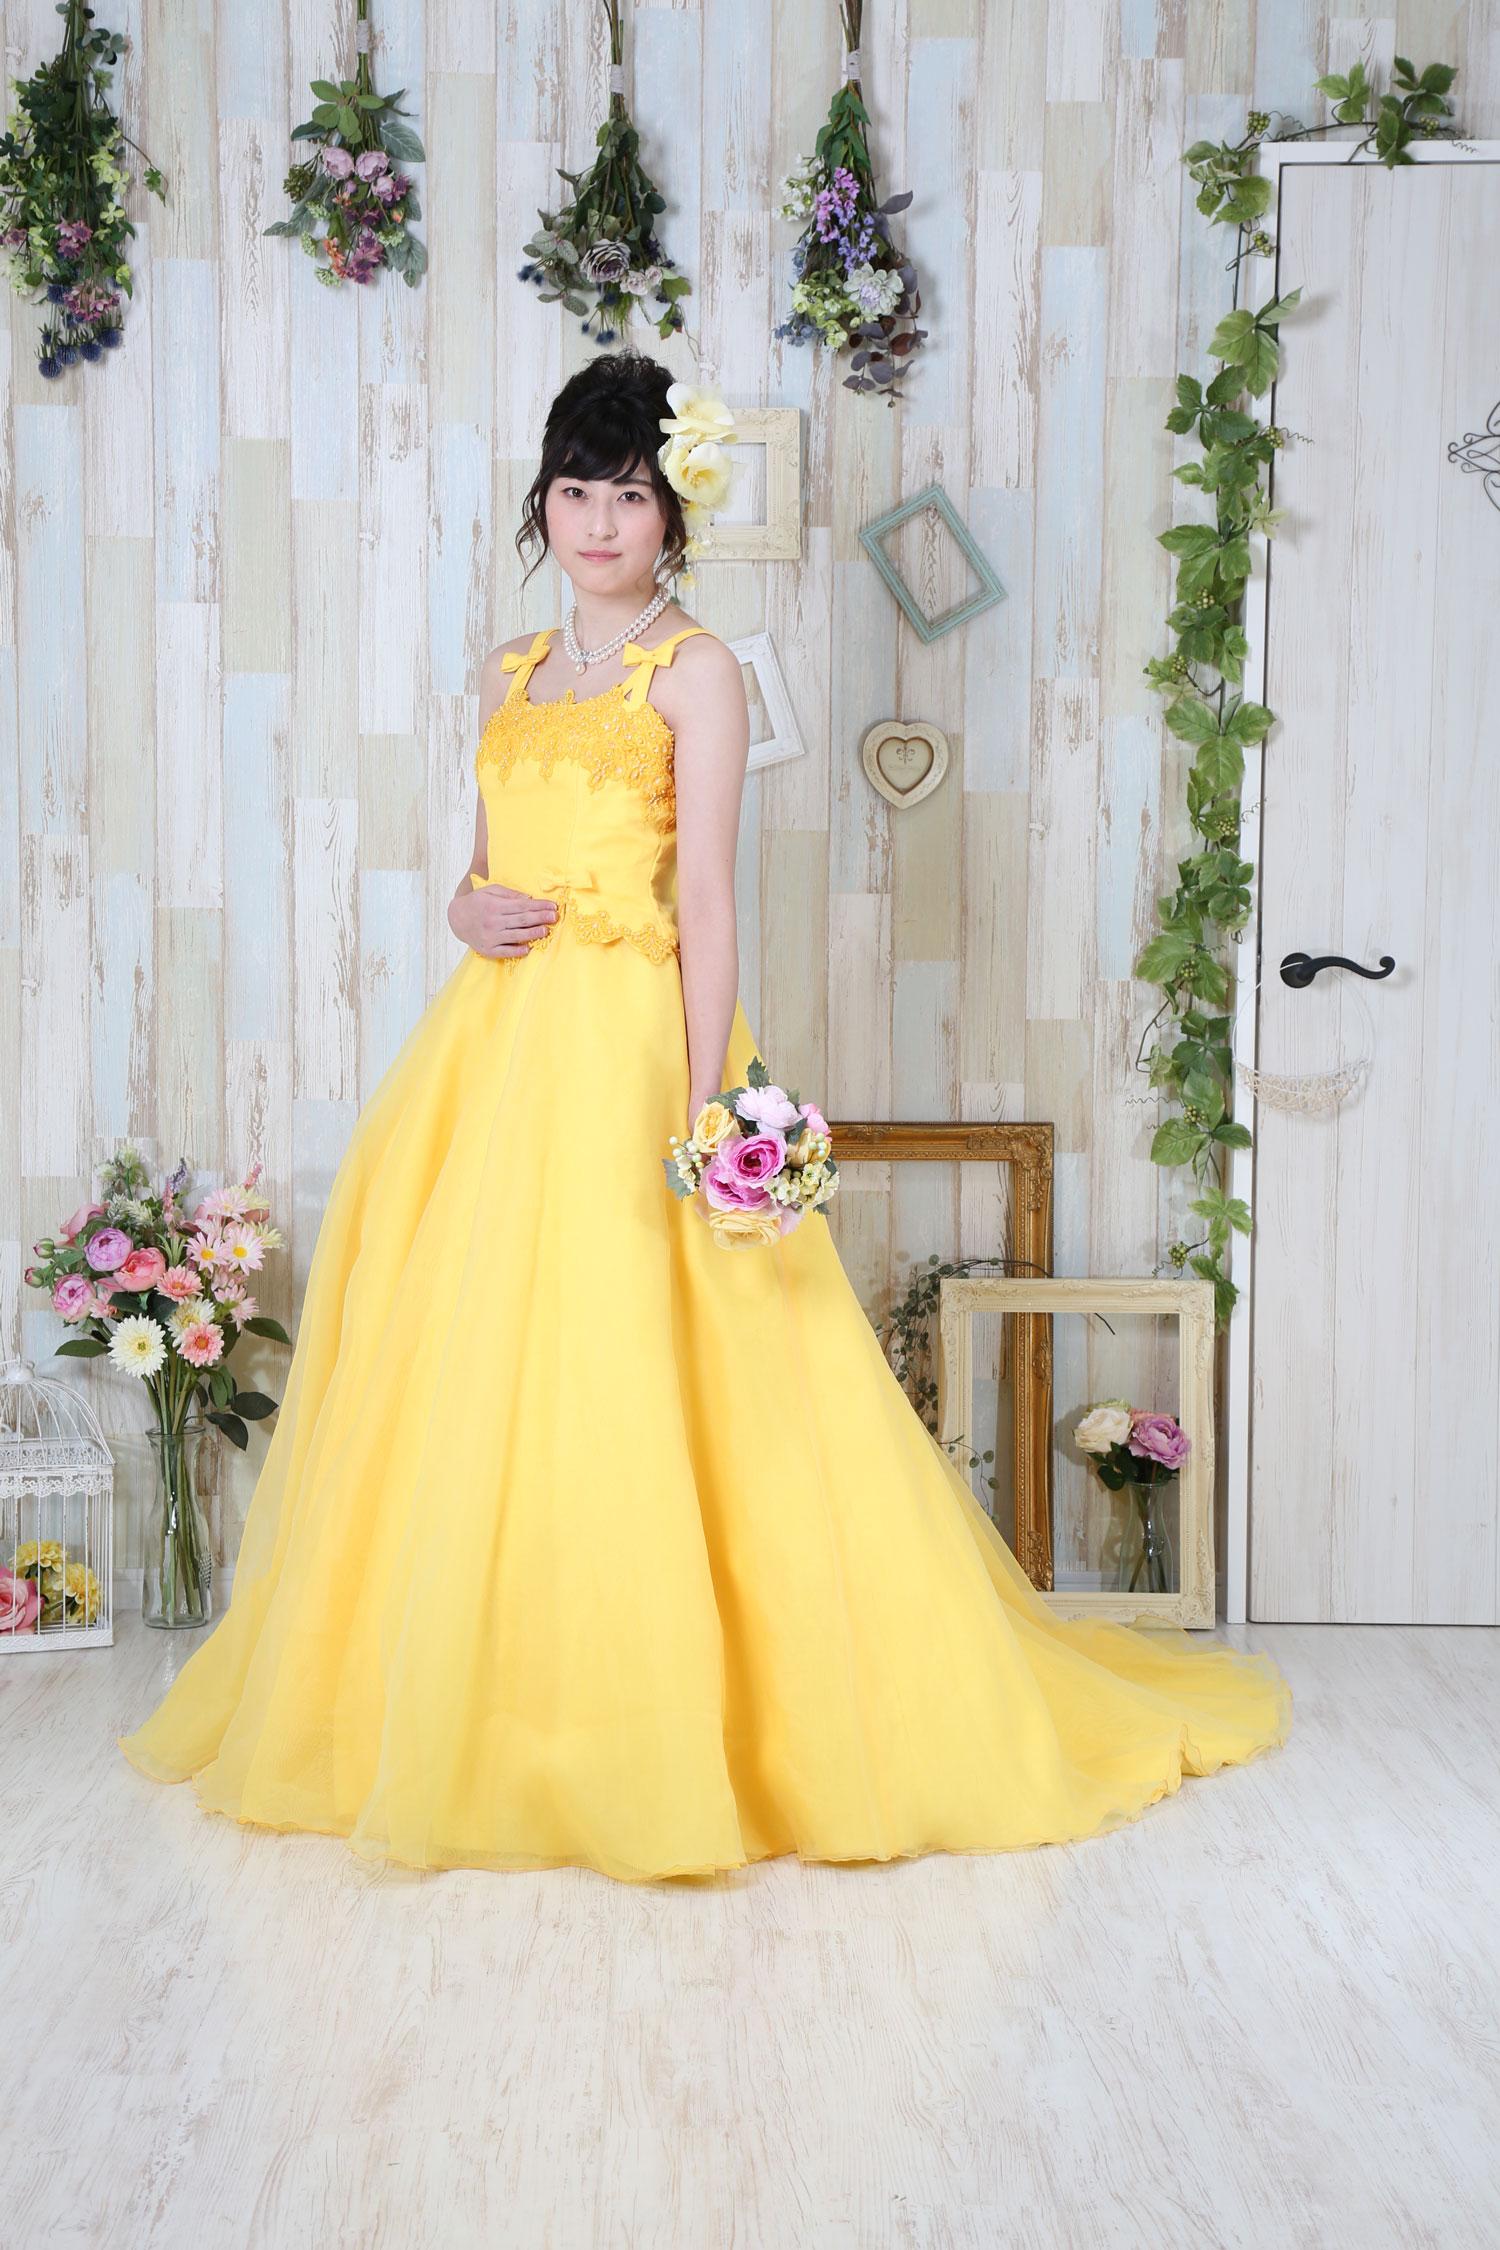 ★20180211-ドレス衣装撮影_182